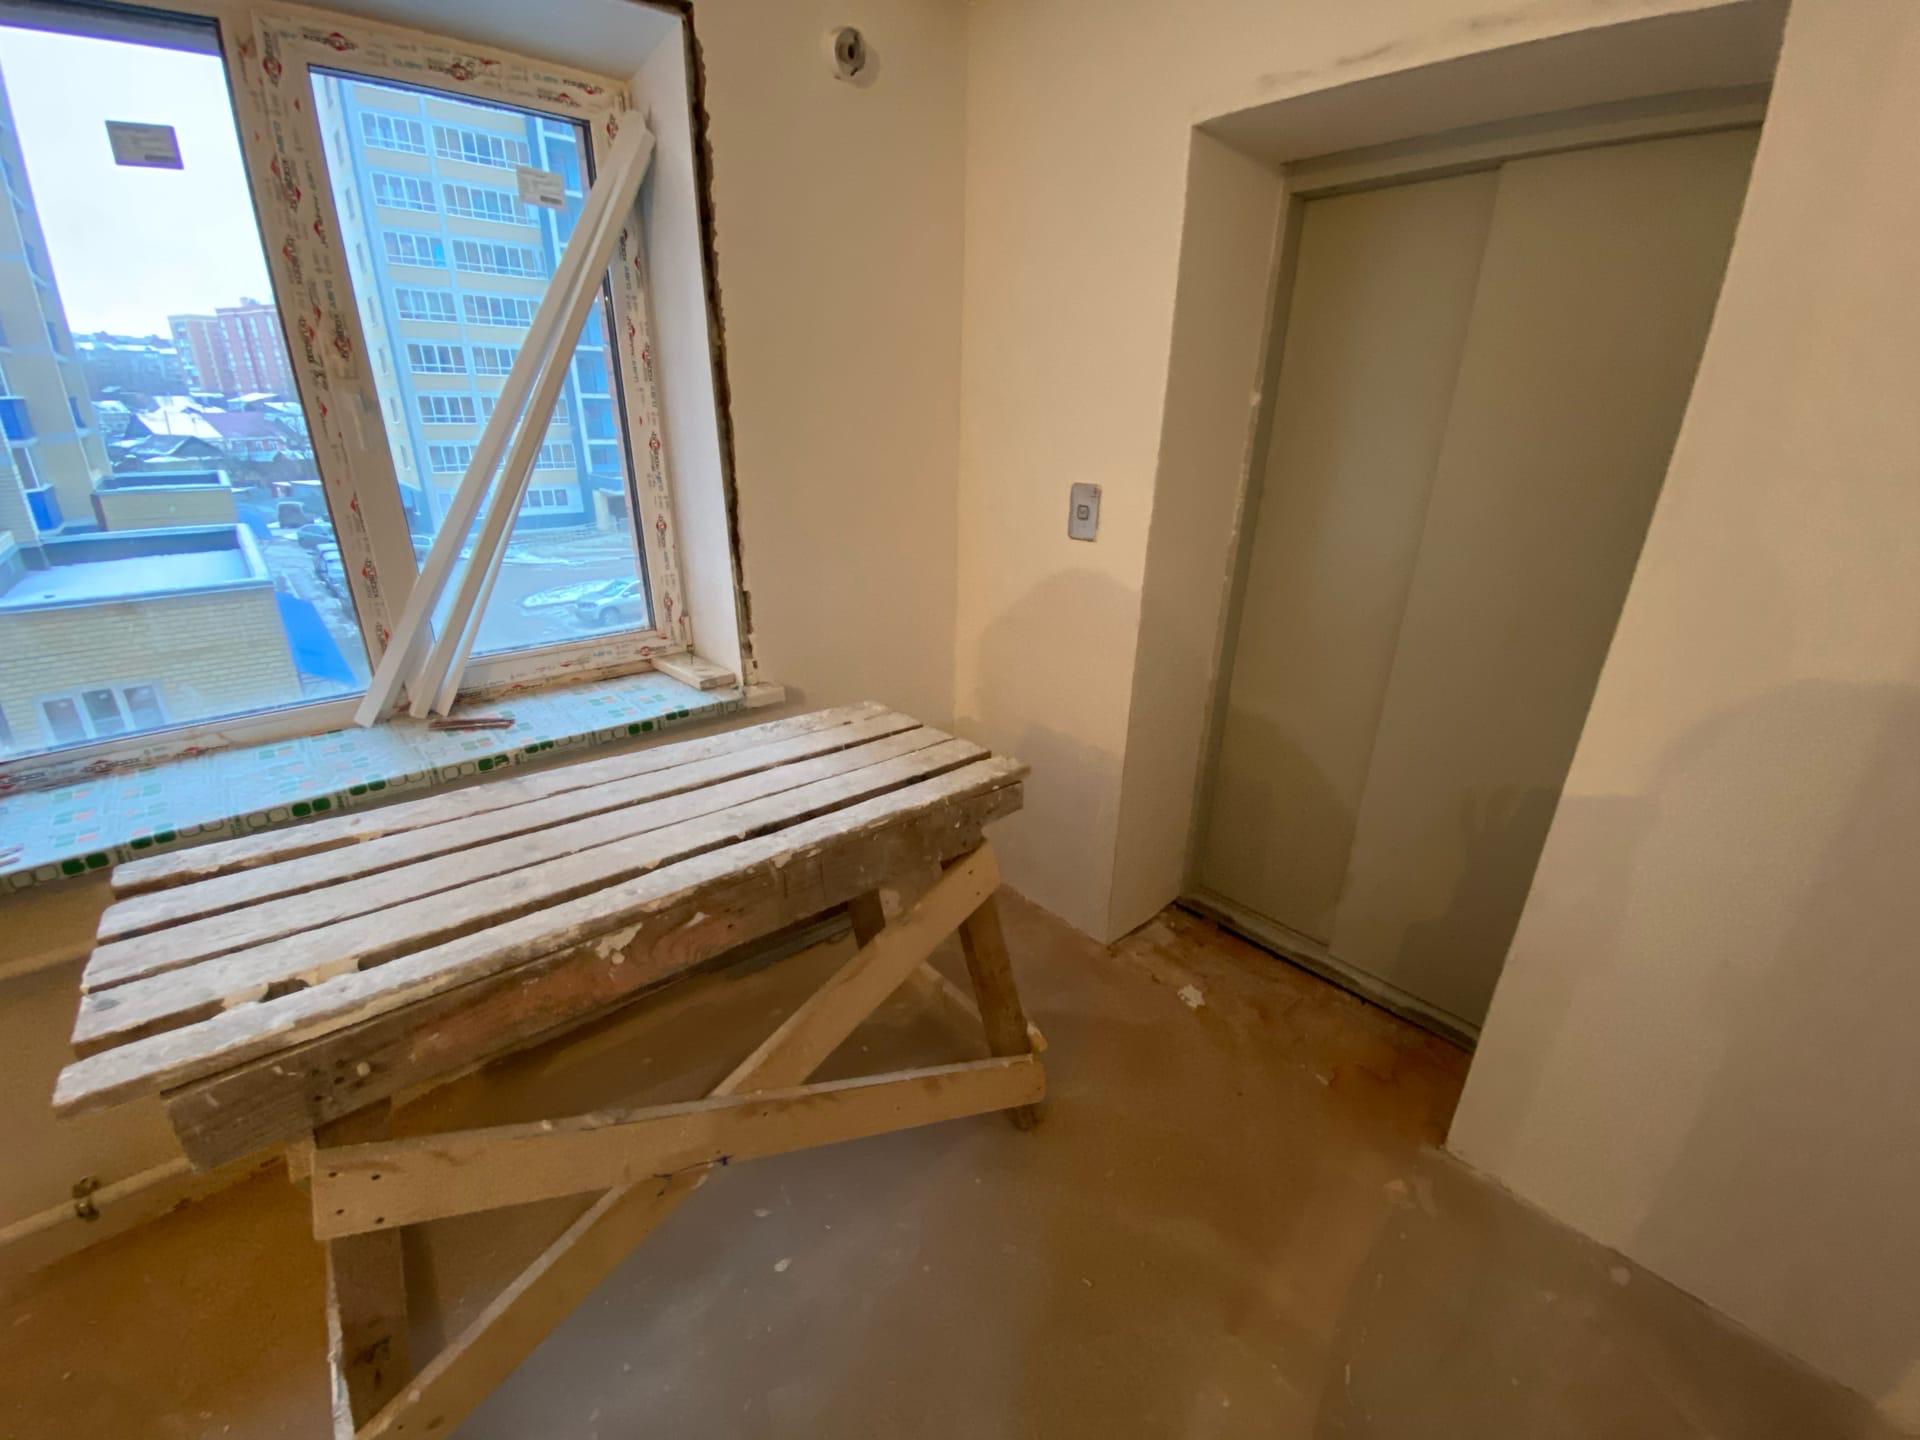 Проблемный дом на улице Крылова в Ярославле будет достроен в начале следующего года